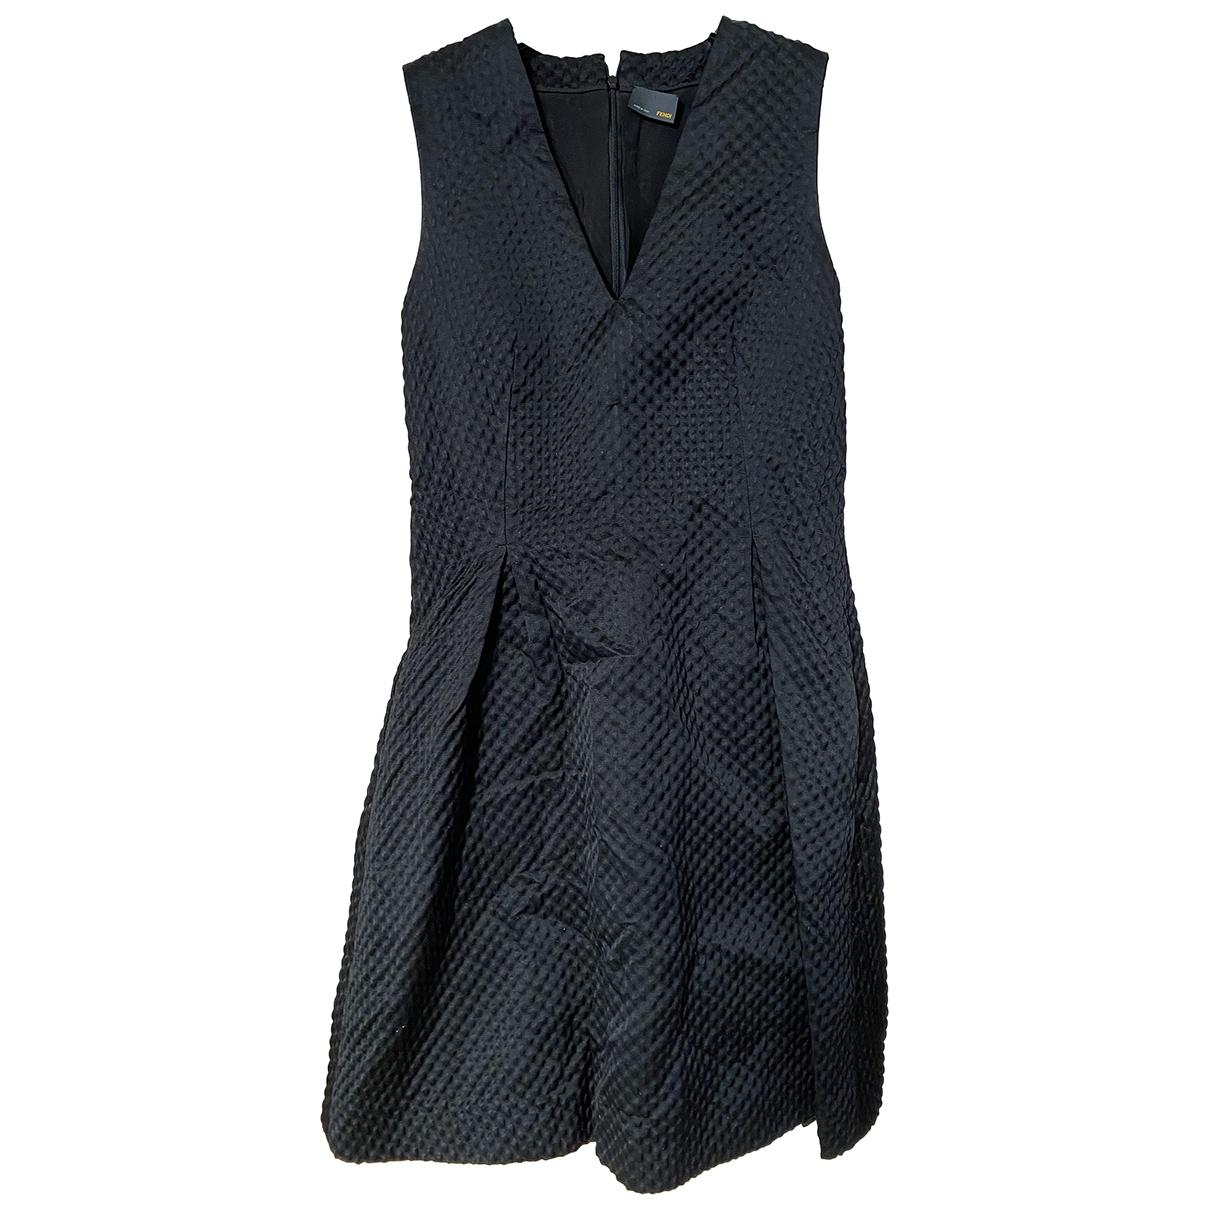 Fendi \N Black dress for Women 40 IT